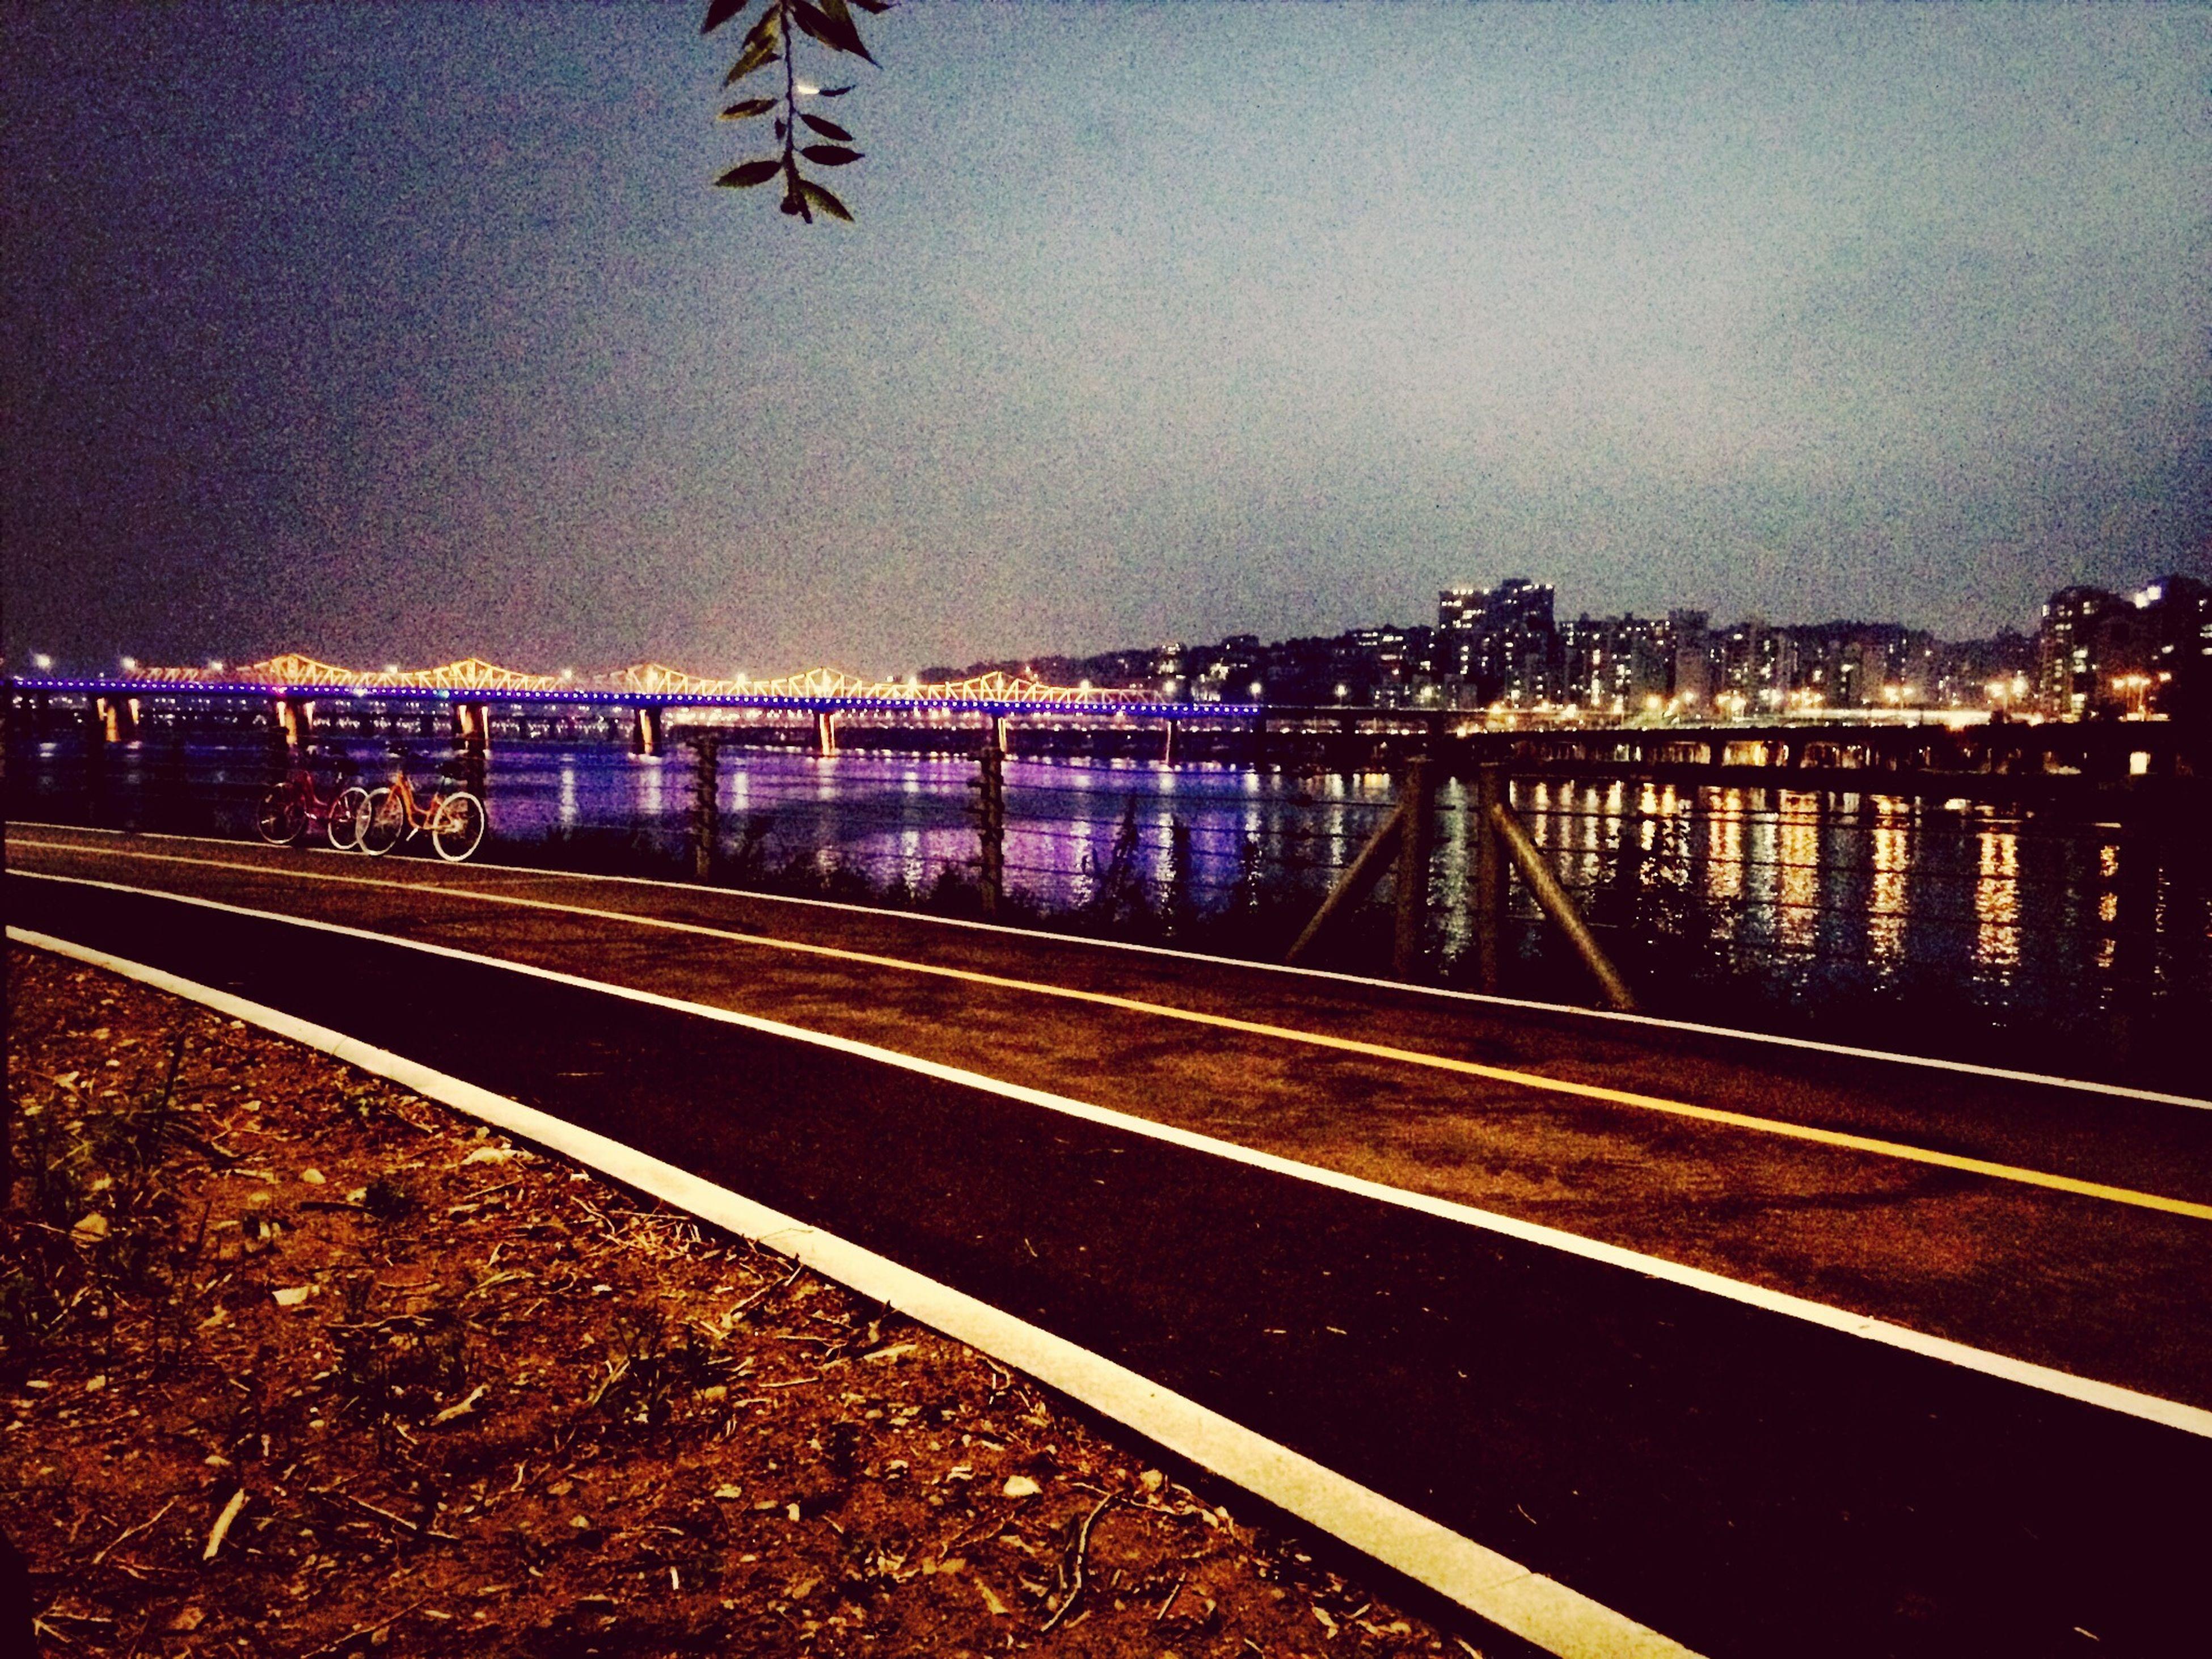 한강 한 바퀴-!! Brompton Hangang River In Seoul, Korea Relaxing